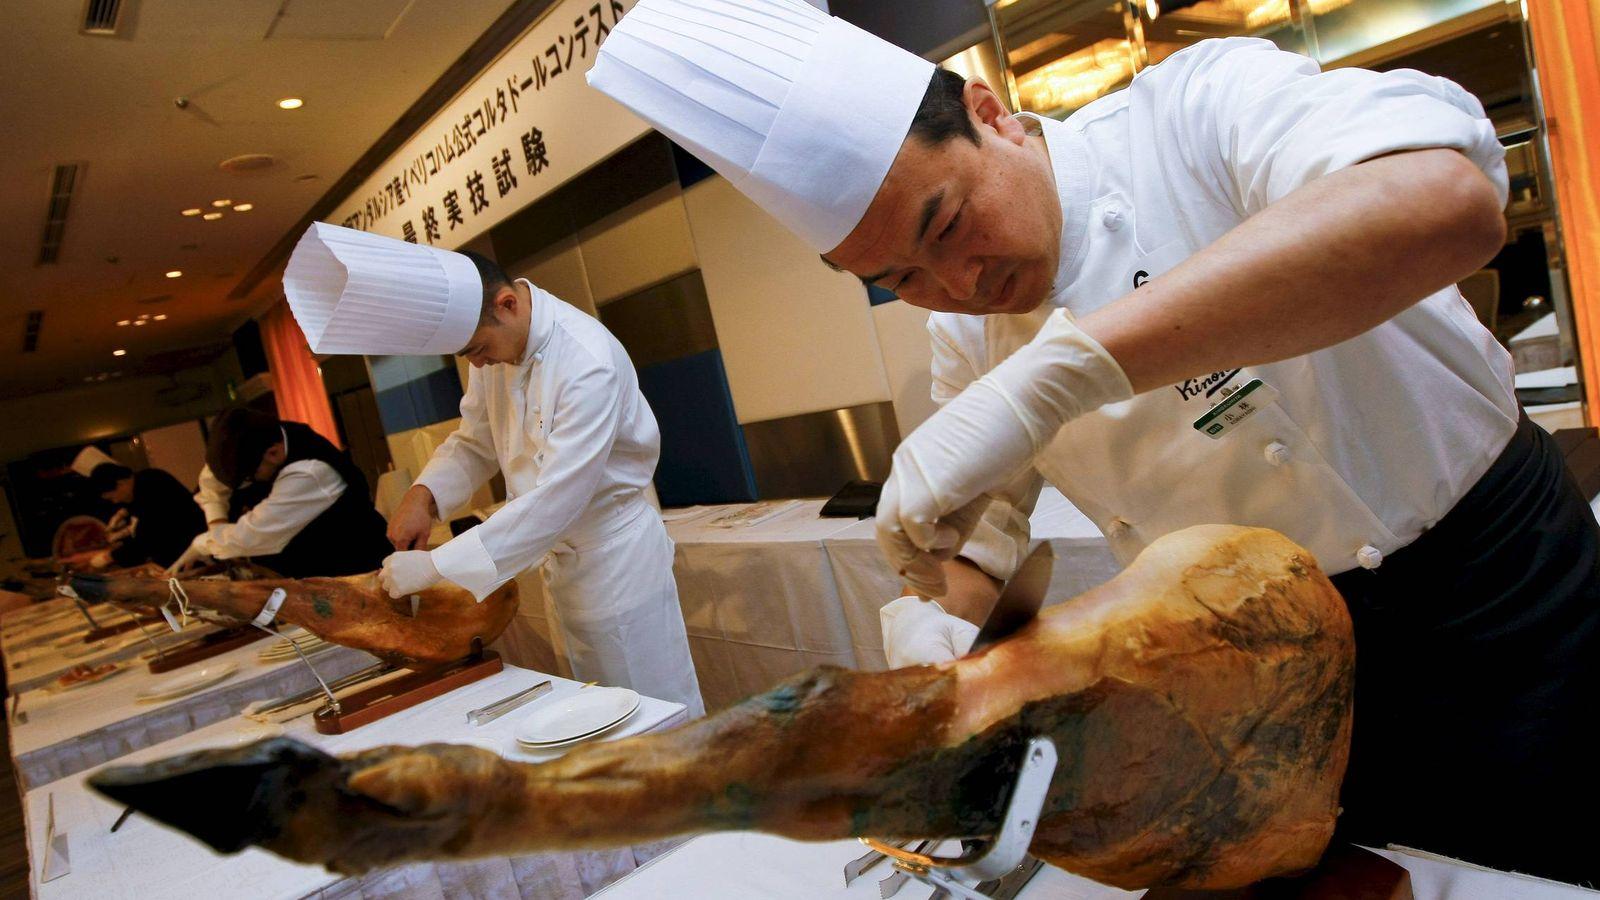 Foto: Un cortador de jamón japonés corta jamón ibérico andaluz durante un concurso en Tokio. (EFE)